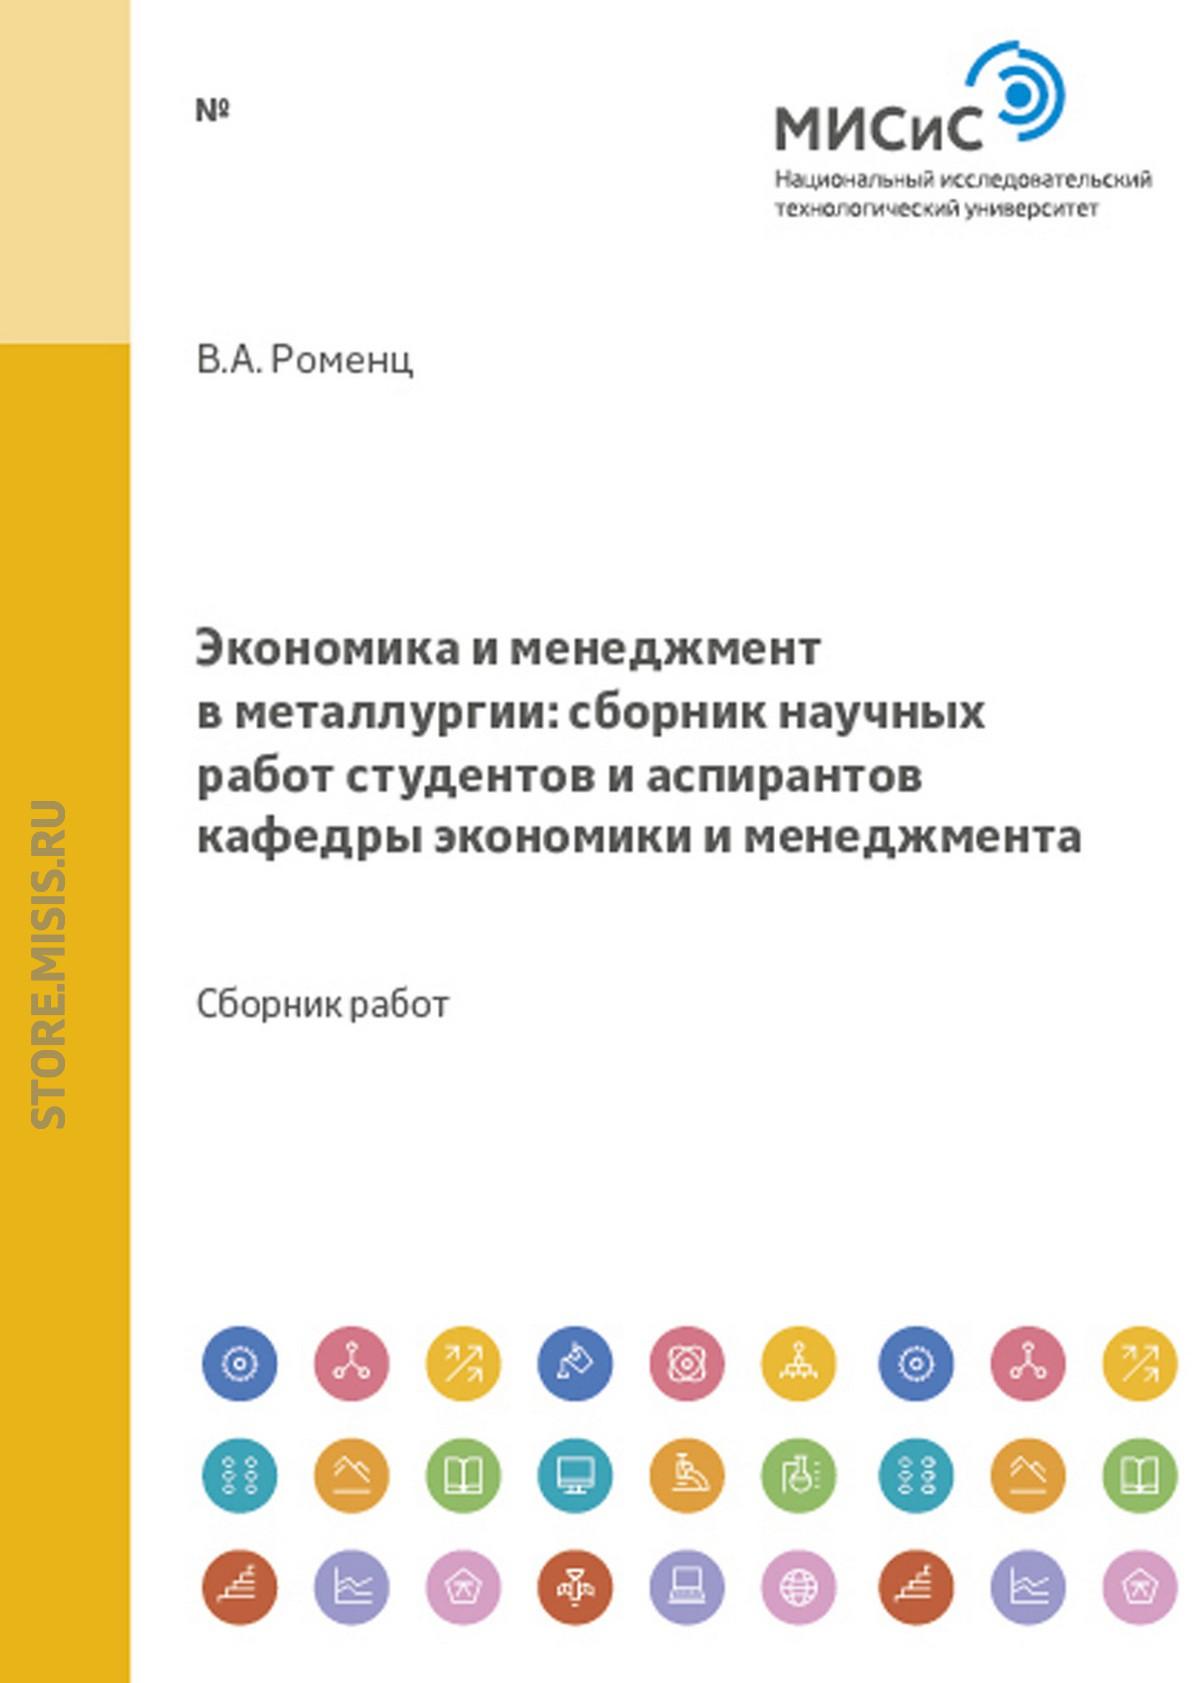 Коллектив авторов Экономика и менеджмент в металлургии